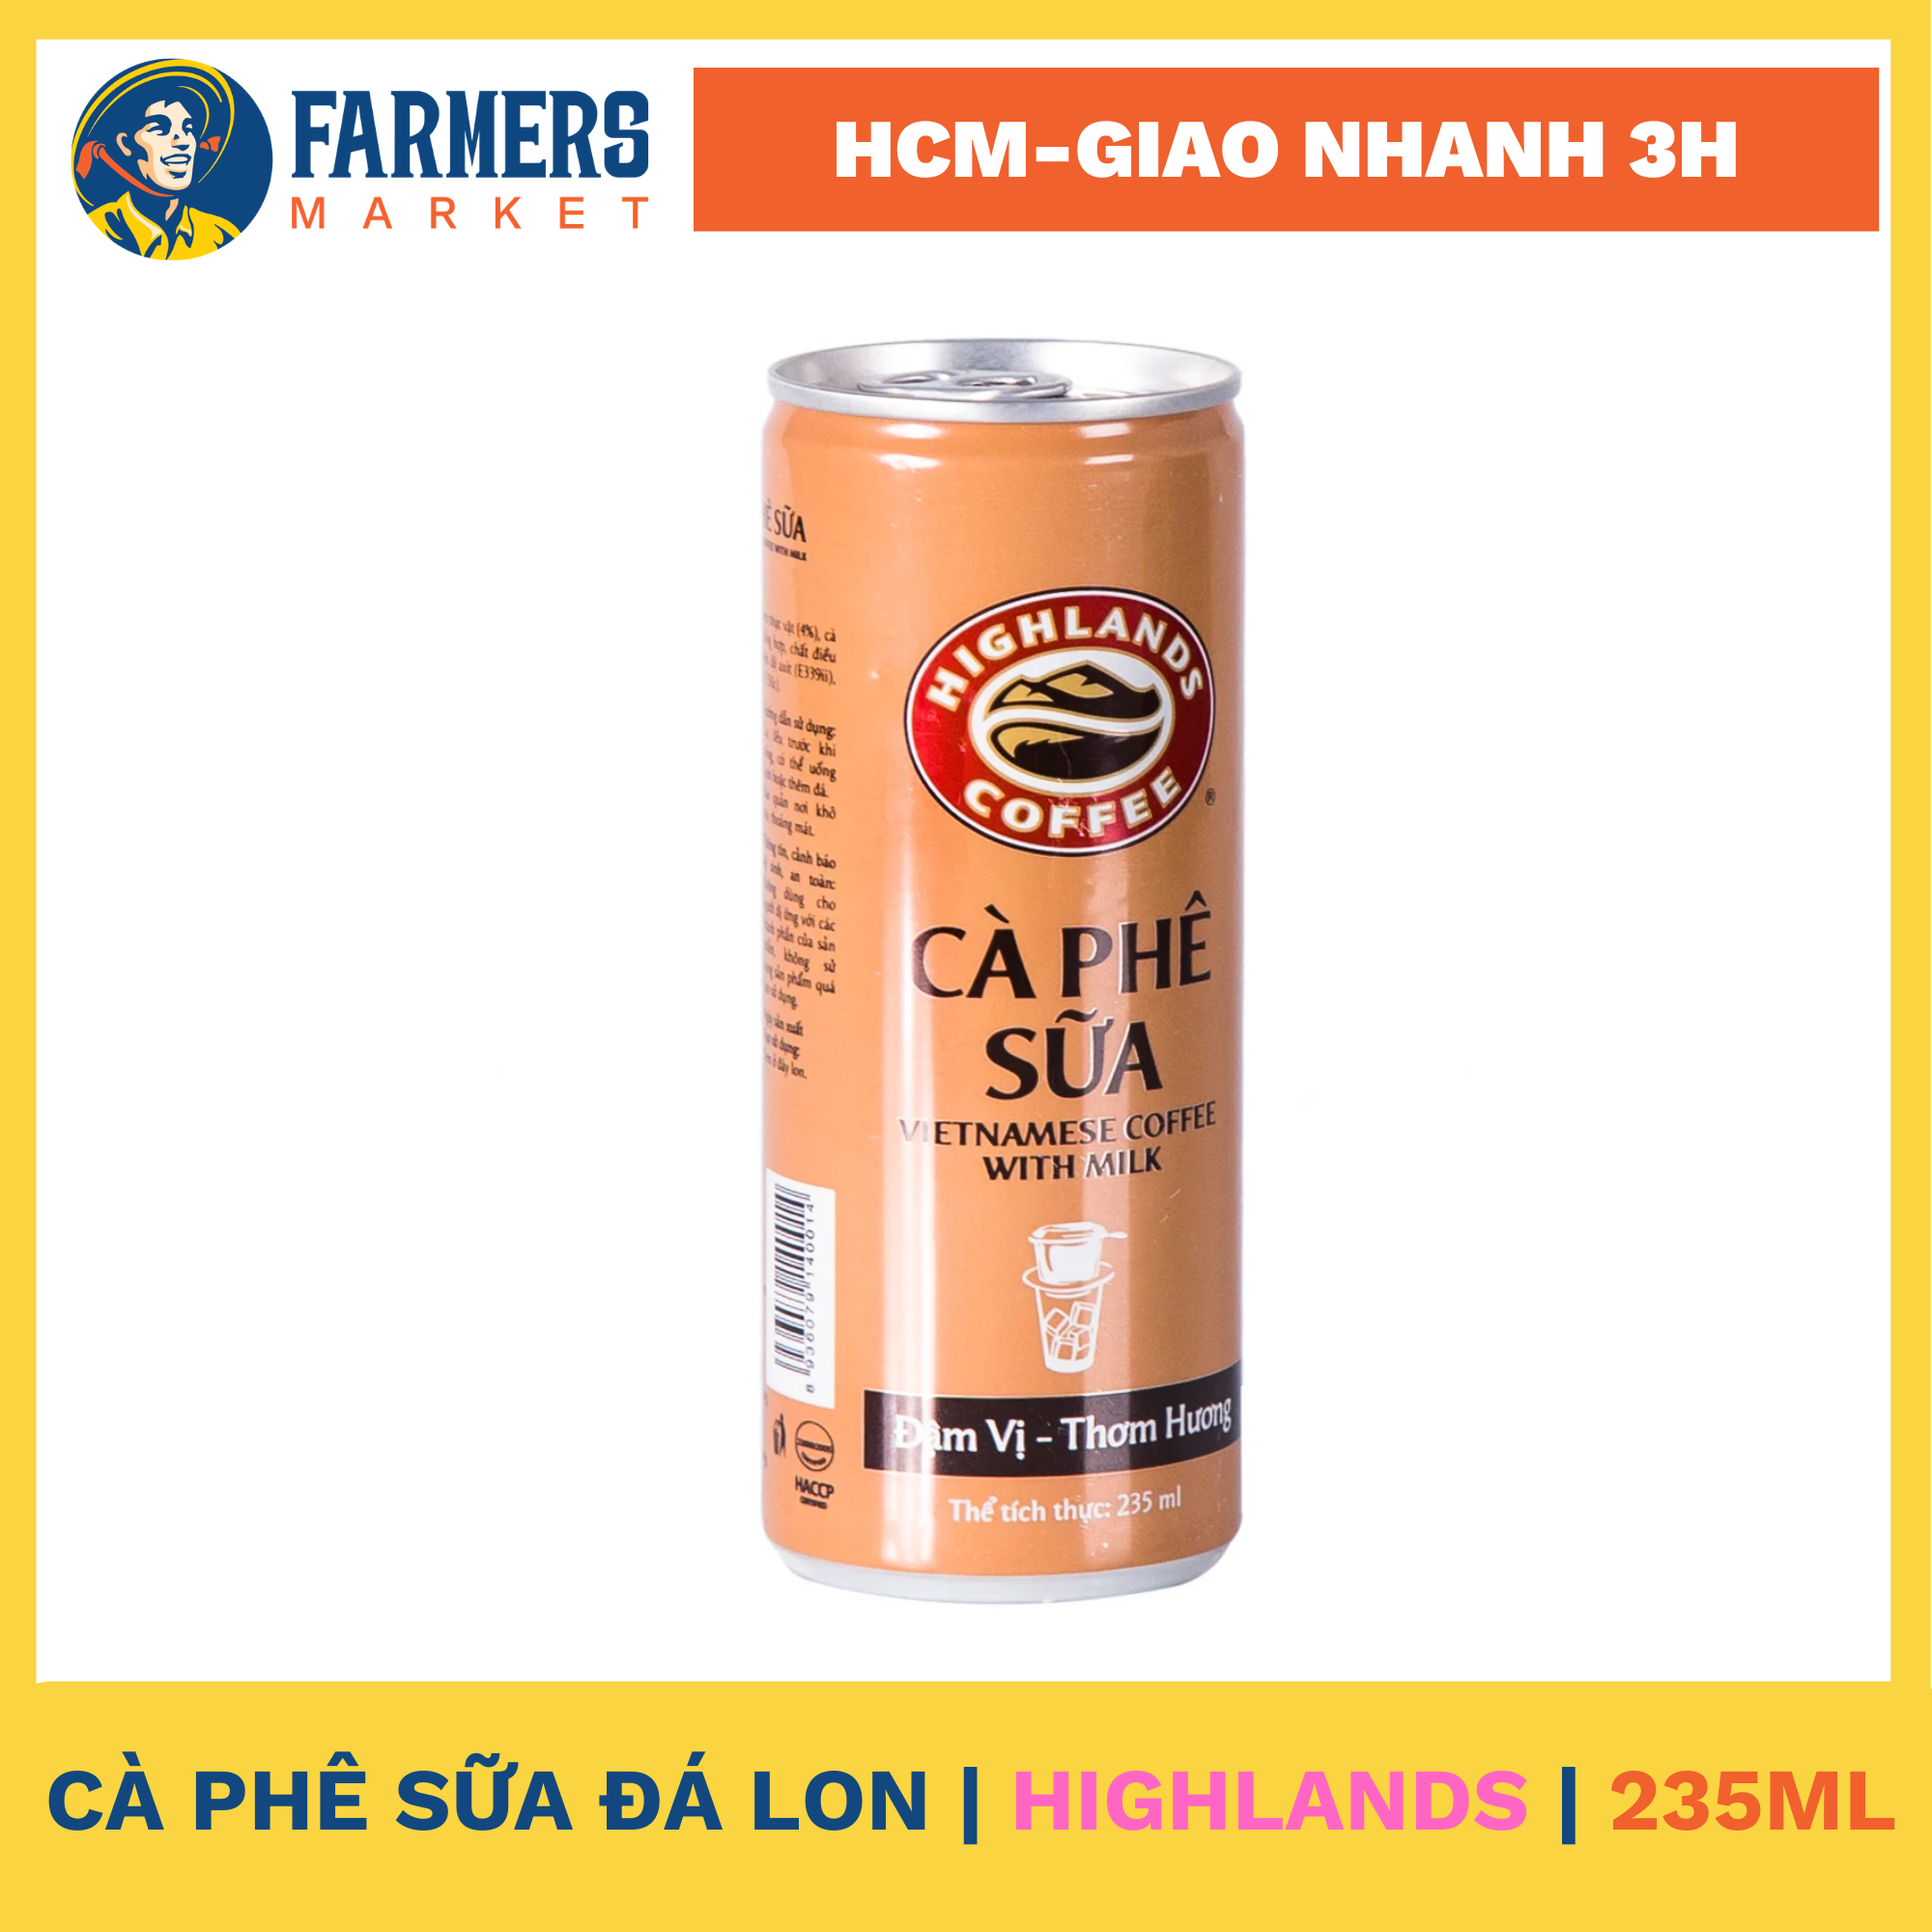 Cà phê sữa đá lon Highlands 235ml